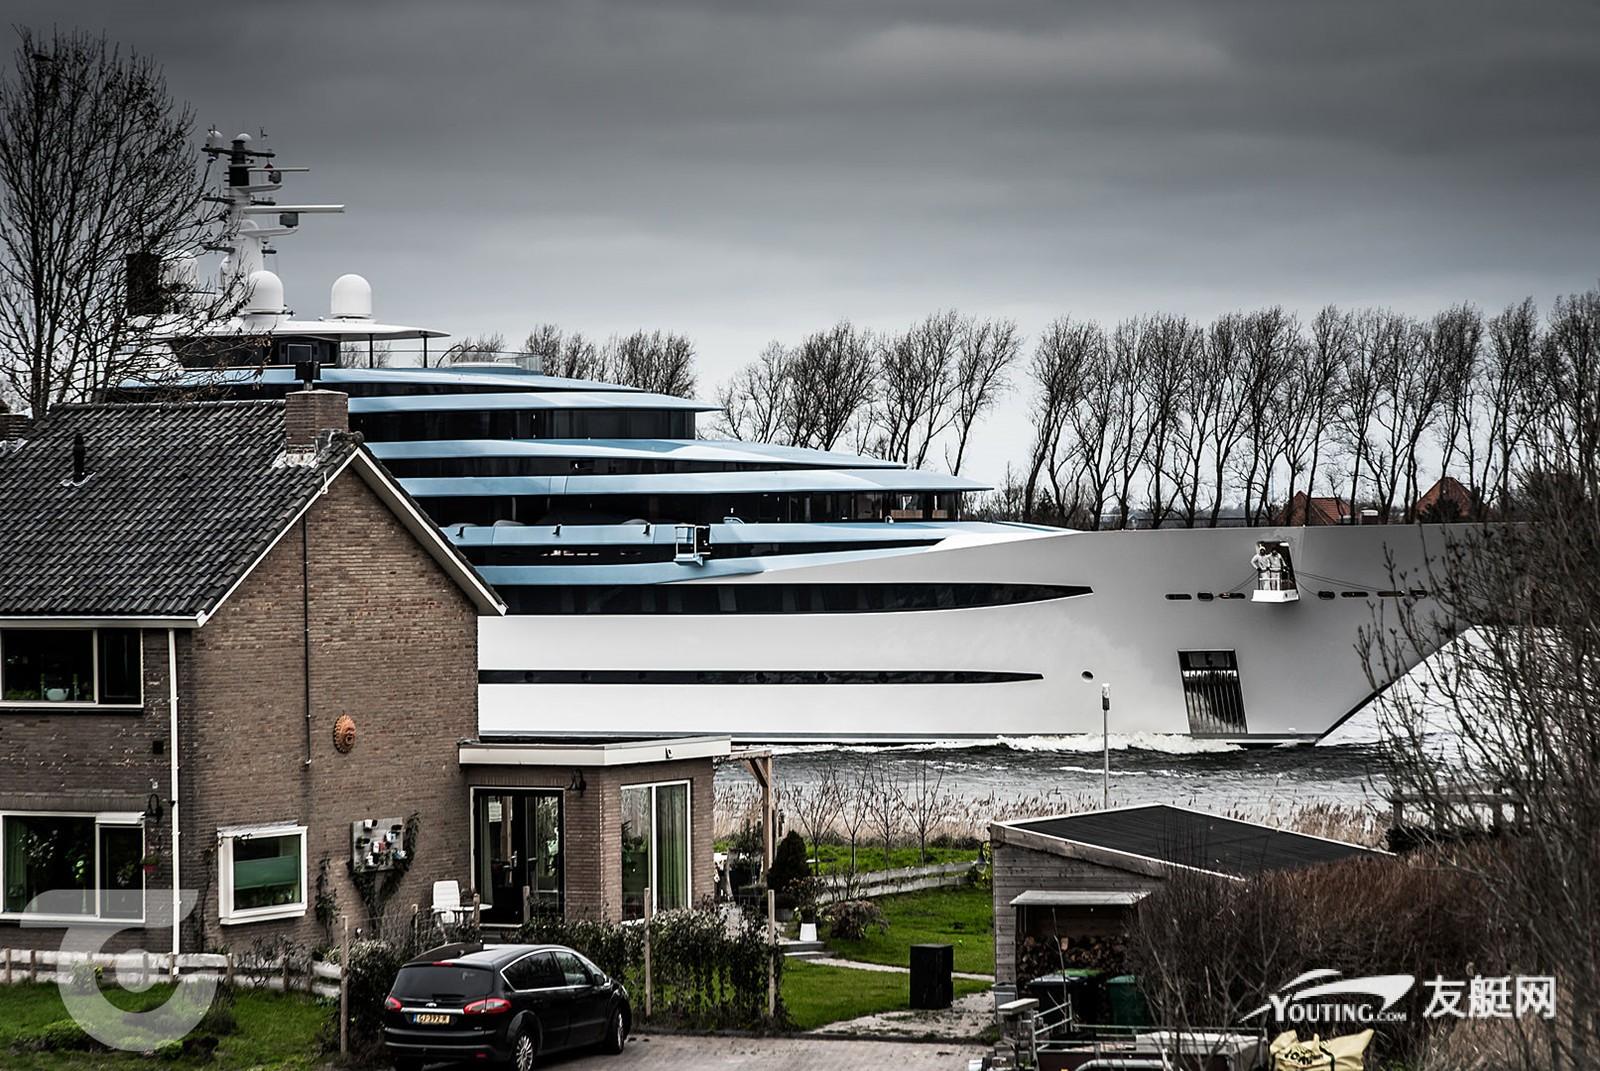 110 米长超艇 Jubilee 抵达阿姆斯特丹